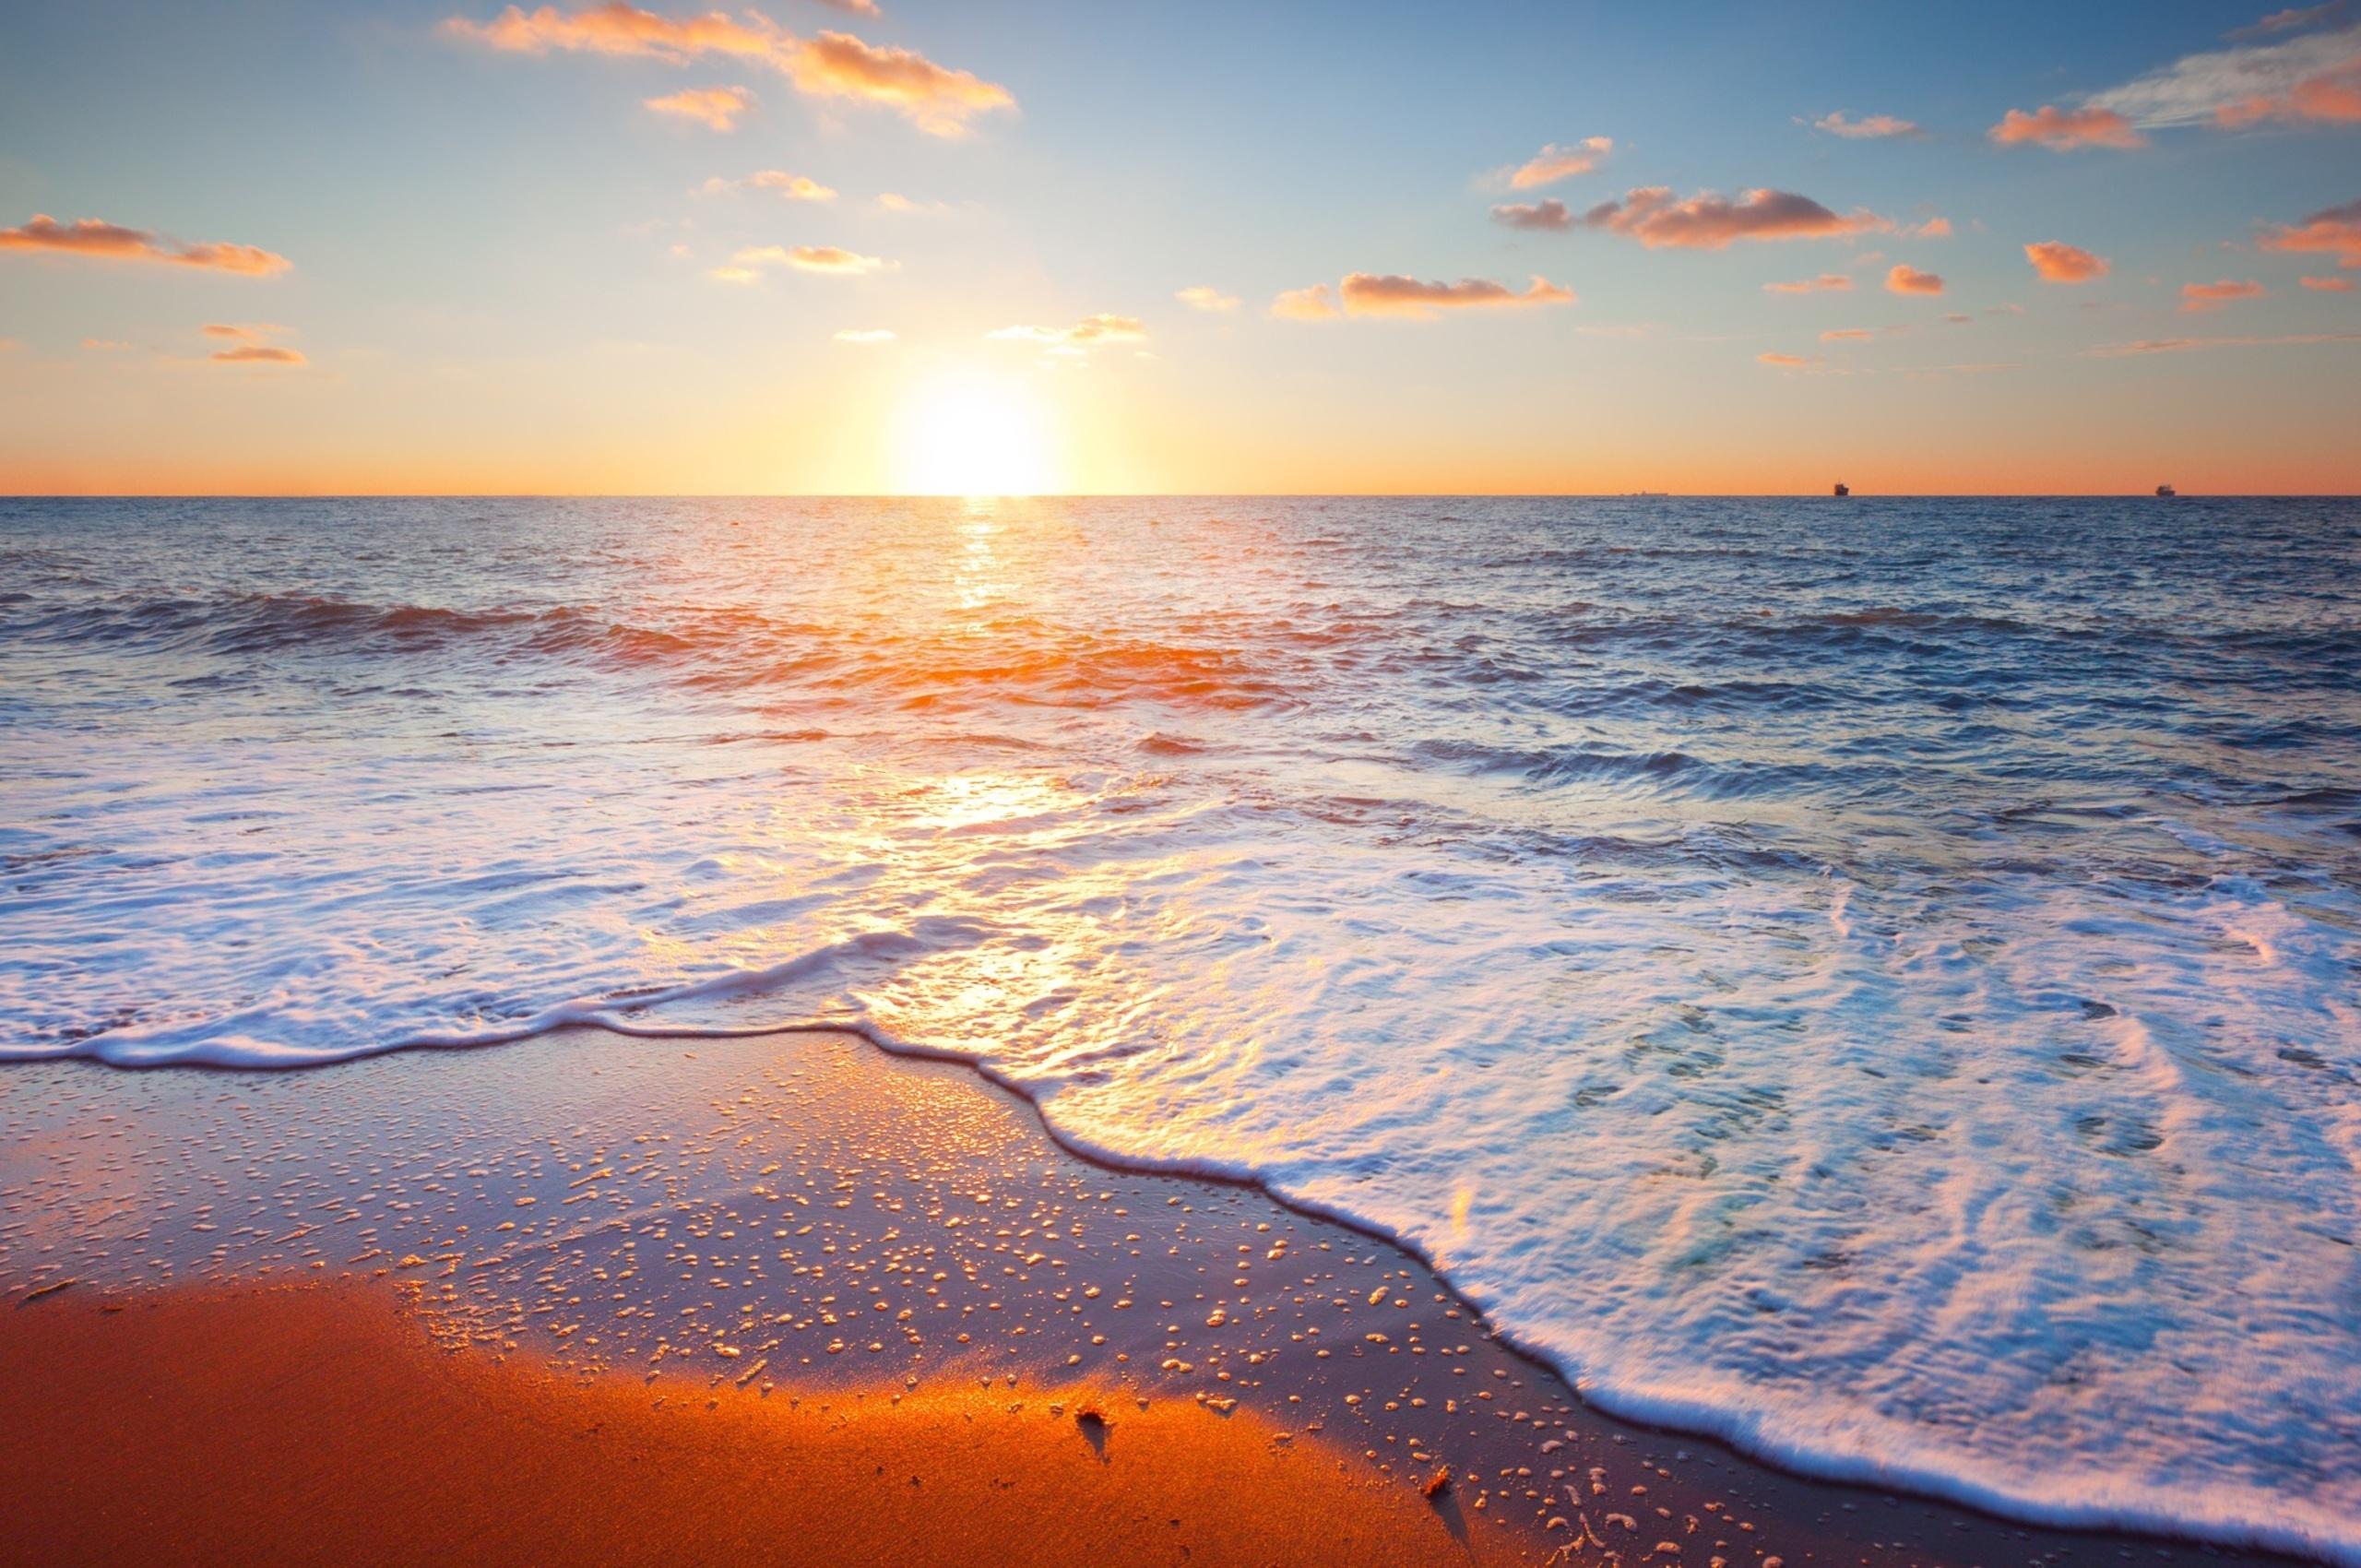 beach-shore-sunset-ml.jpg